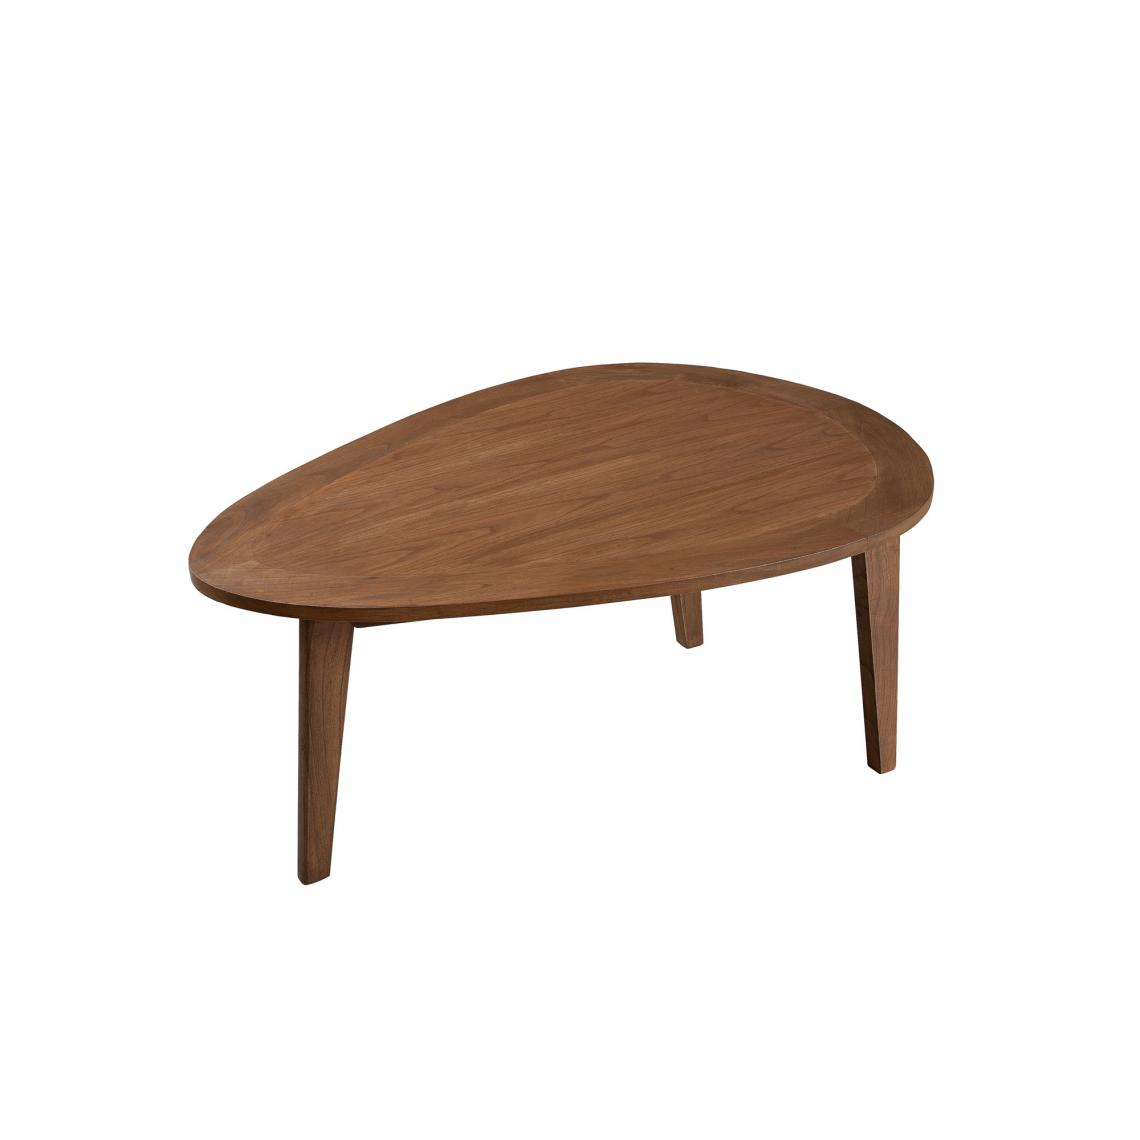 table basse goutte d'eau 100 cm style scandinave - cannelle | 3 suisses